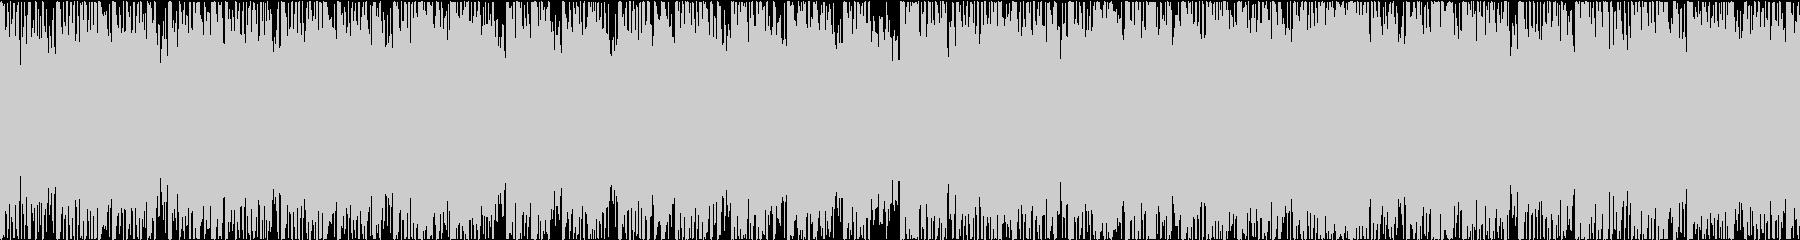 爽快で感動的な映像に効果的 Loop1の未再生の波形